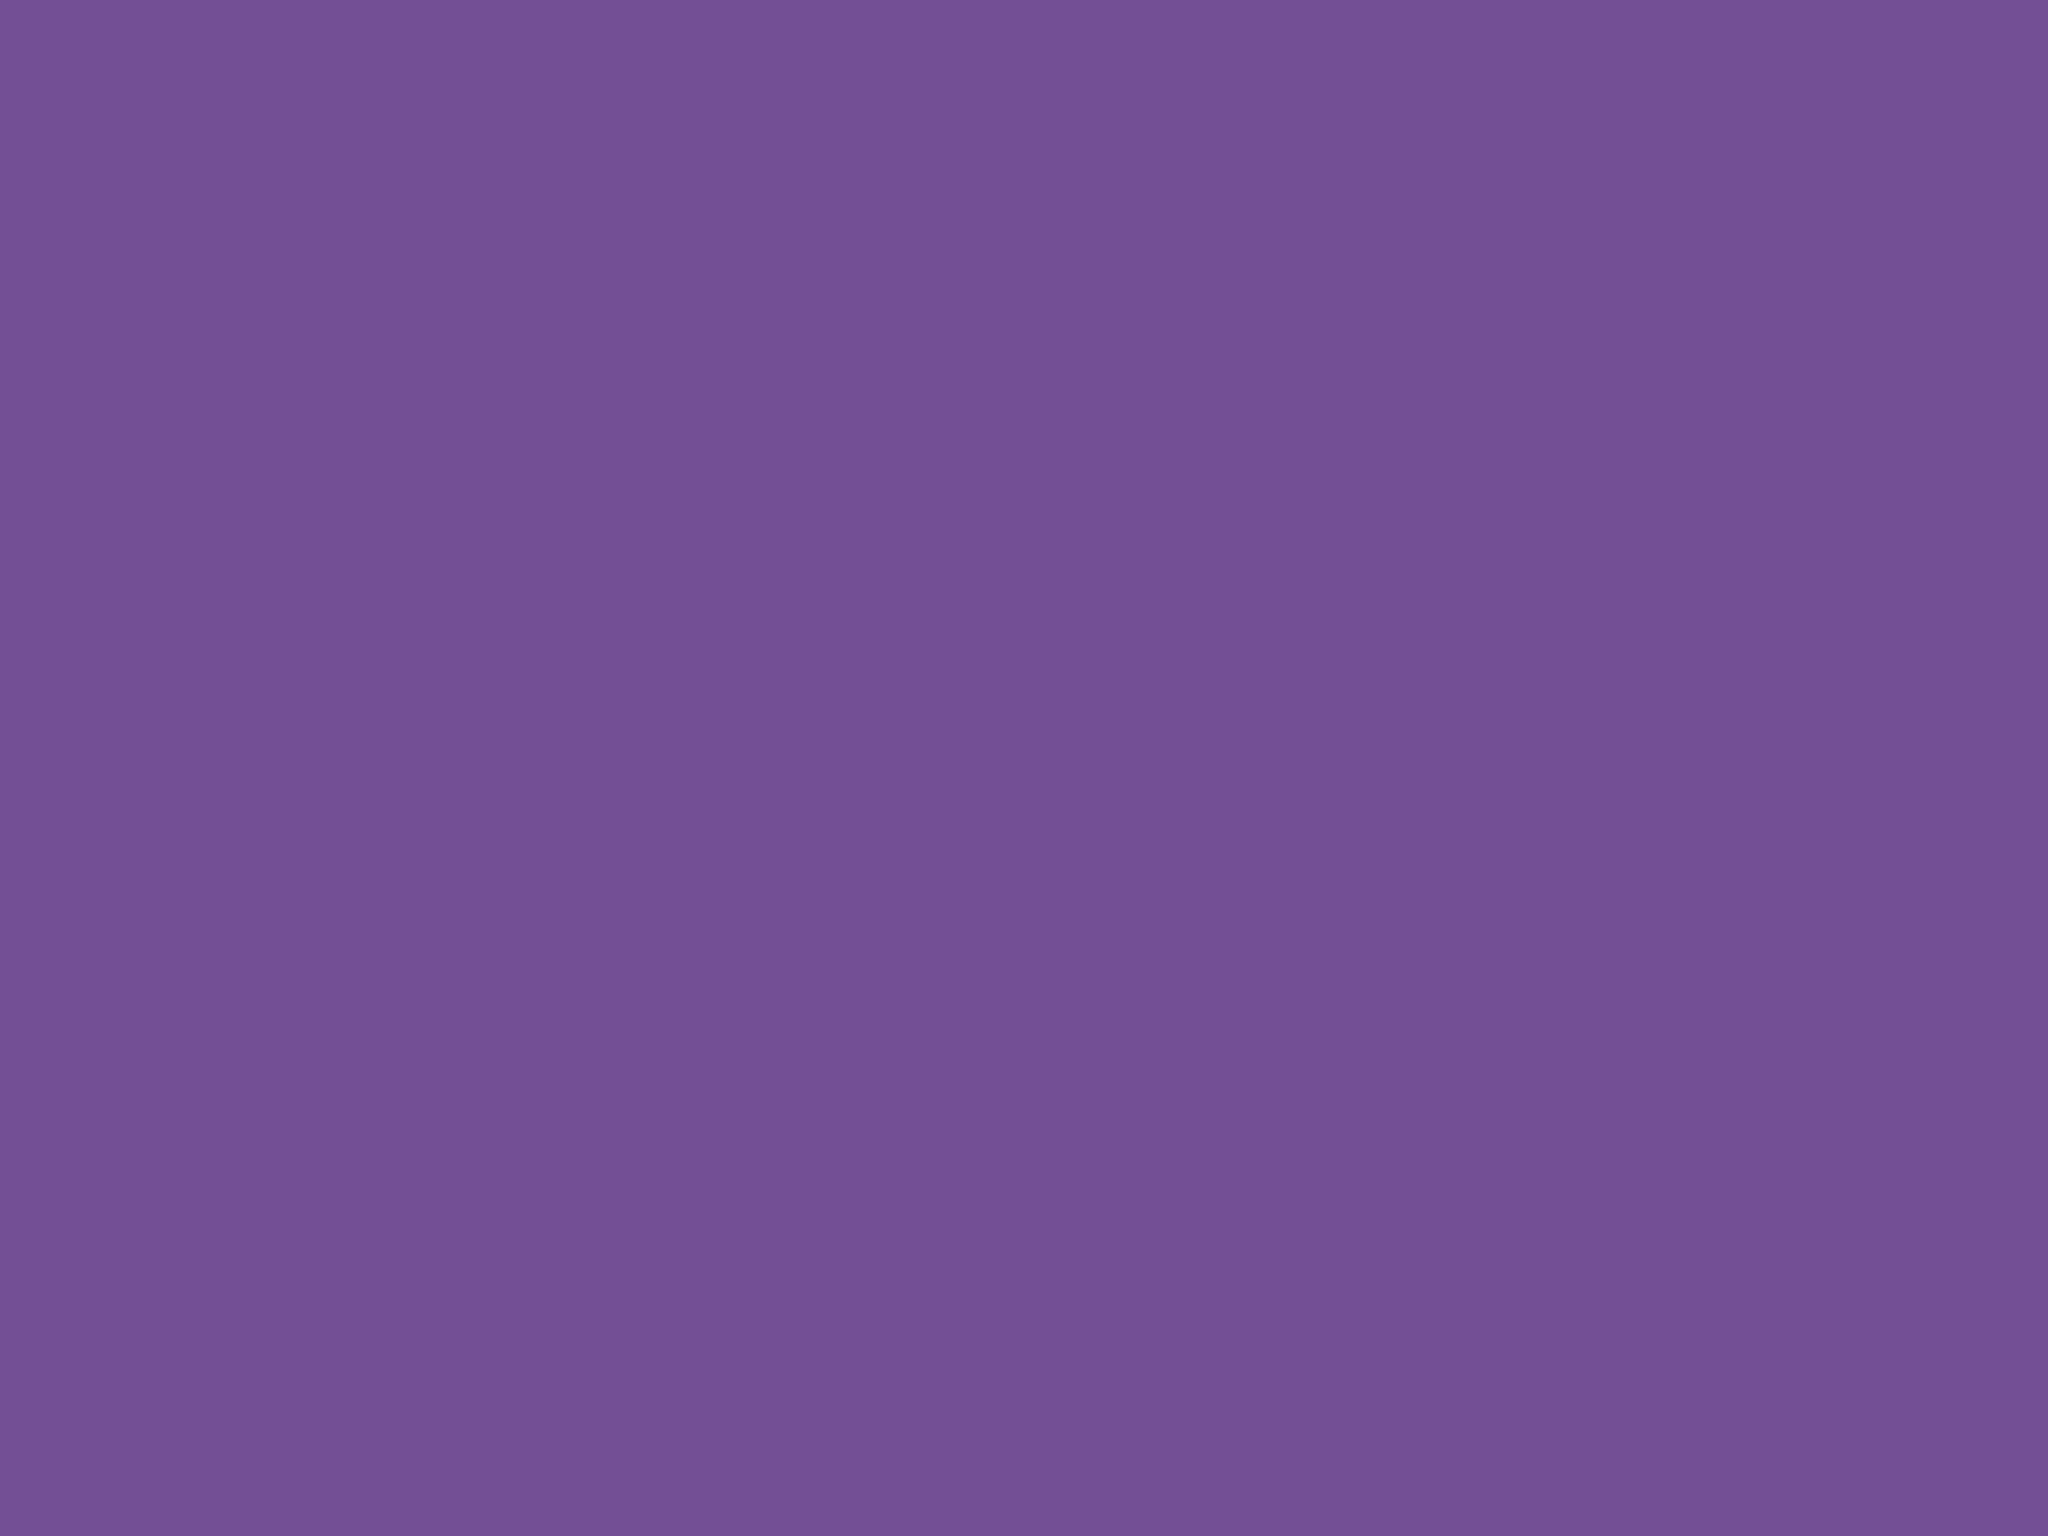 2048x1536 Dark Lavender Solid Color Background